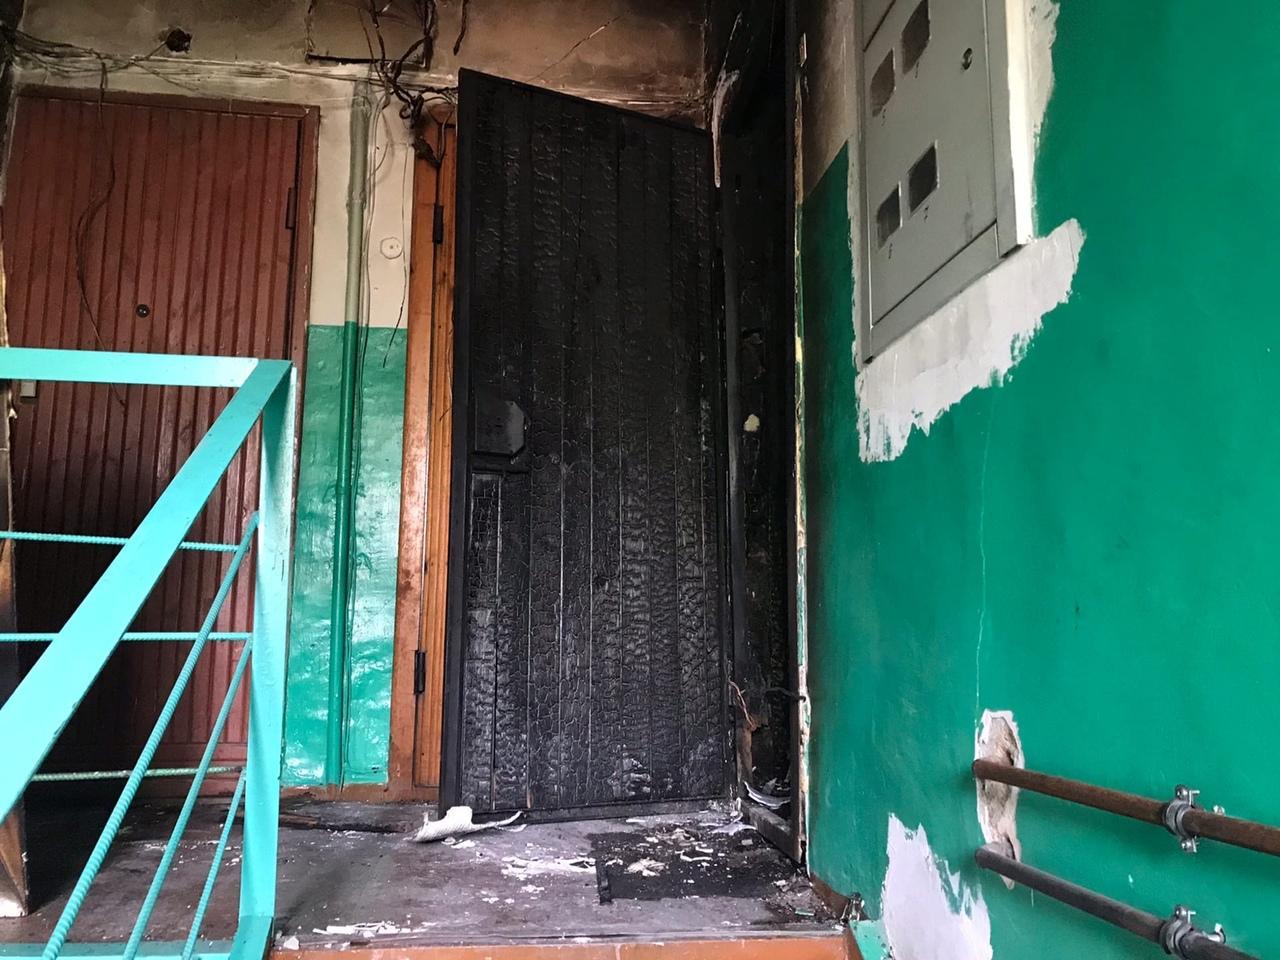 фото «Устроили балаган на весь дом, полиция не приехала»: что известно о пожаре с тремя погибшими в Новосибирске 5